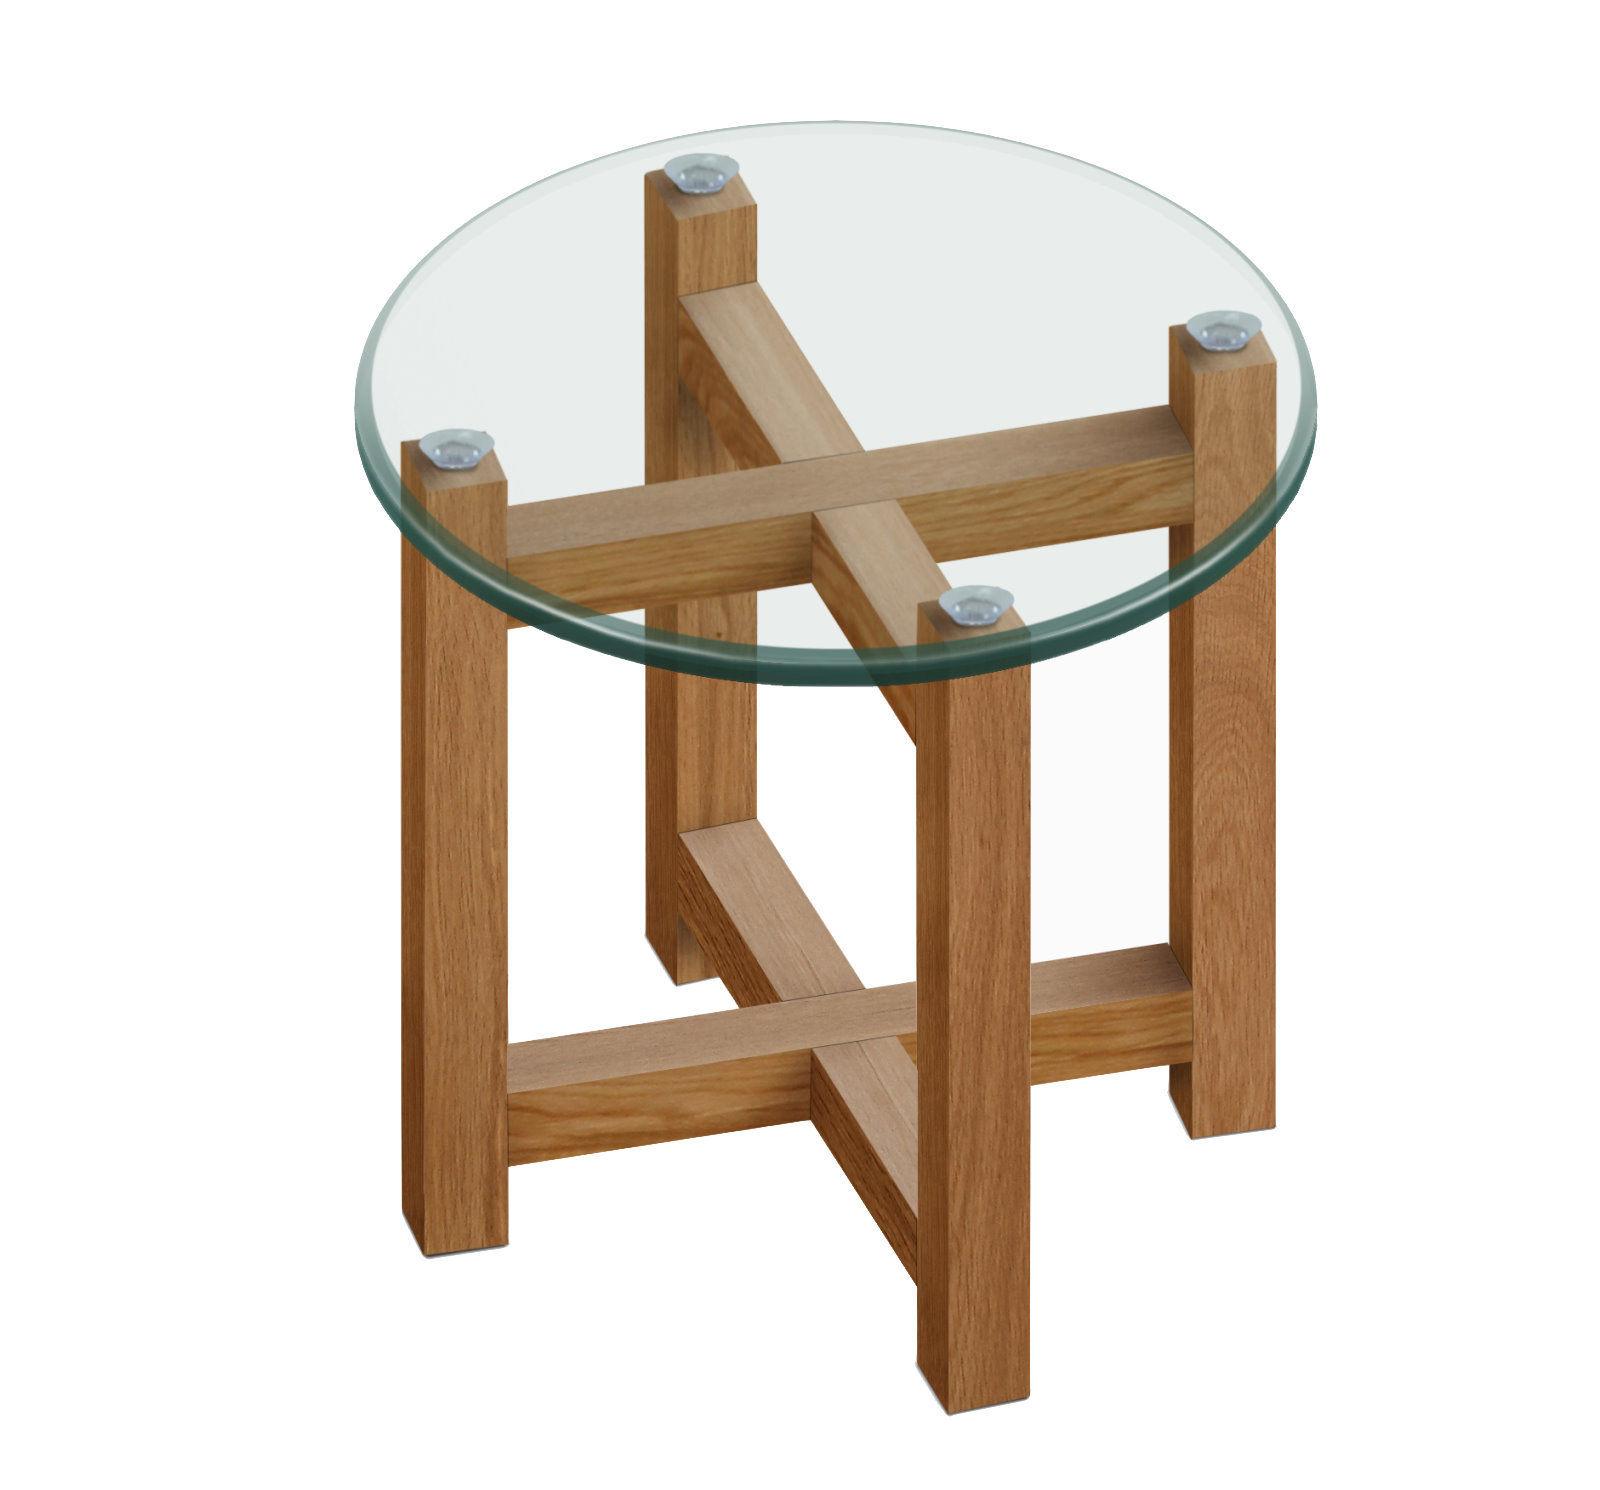 pkline beistelltisch 50cm holz tisch eiche massiv glastisch ecktisch dynamic. Black Bedroom Furniture Sets. Home Design Ideas